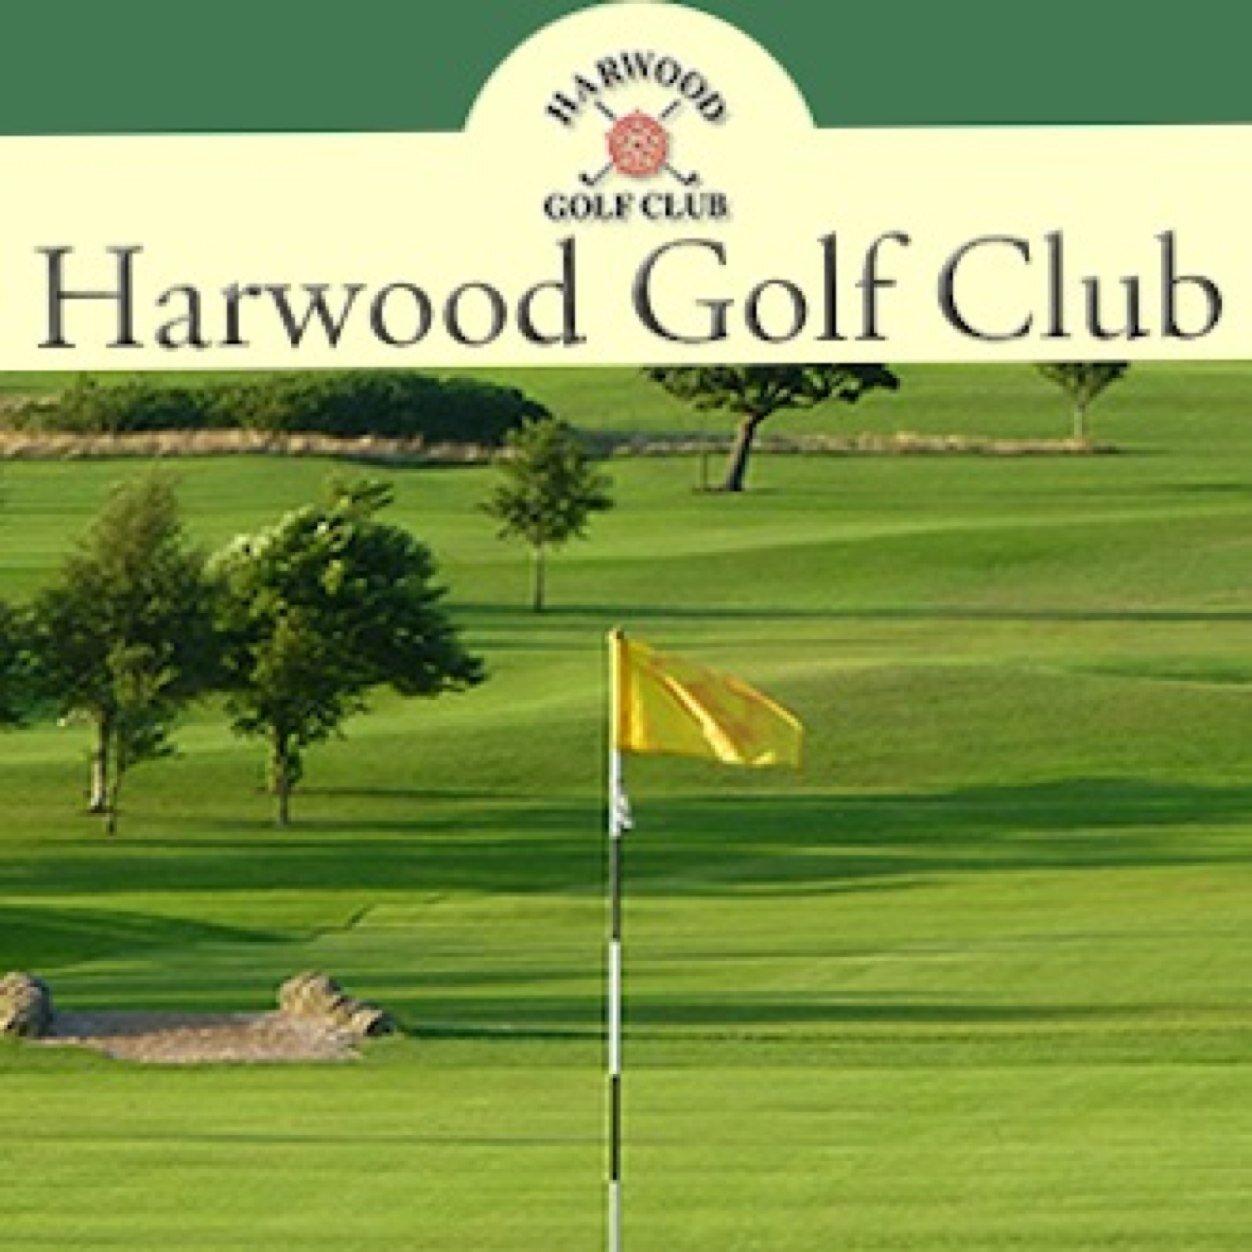 Harwood Golf Club